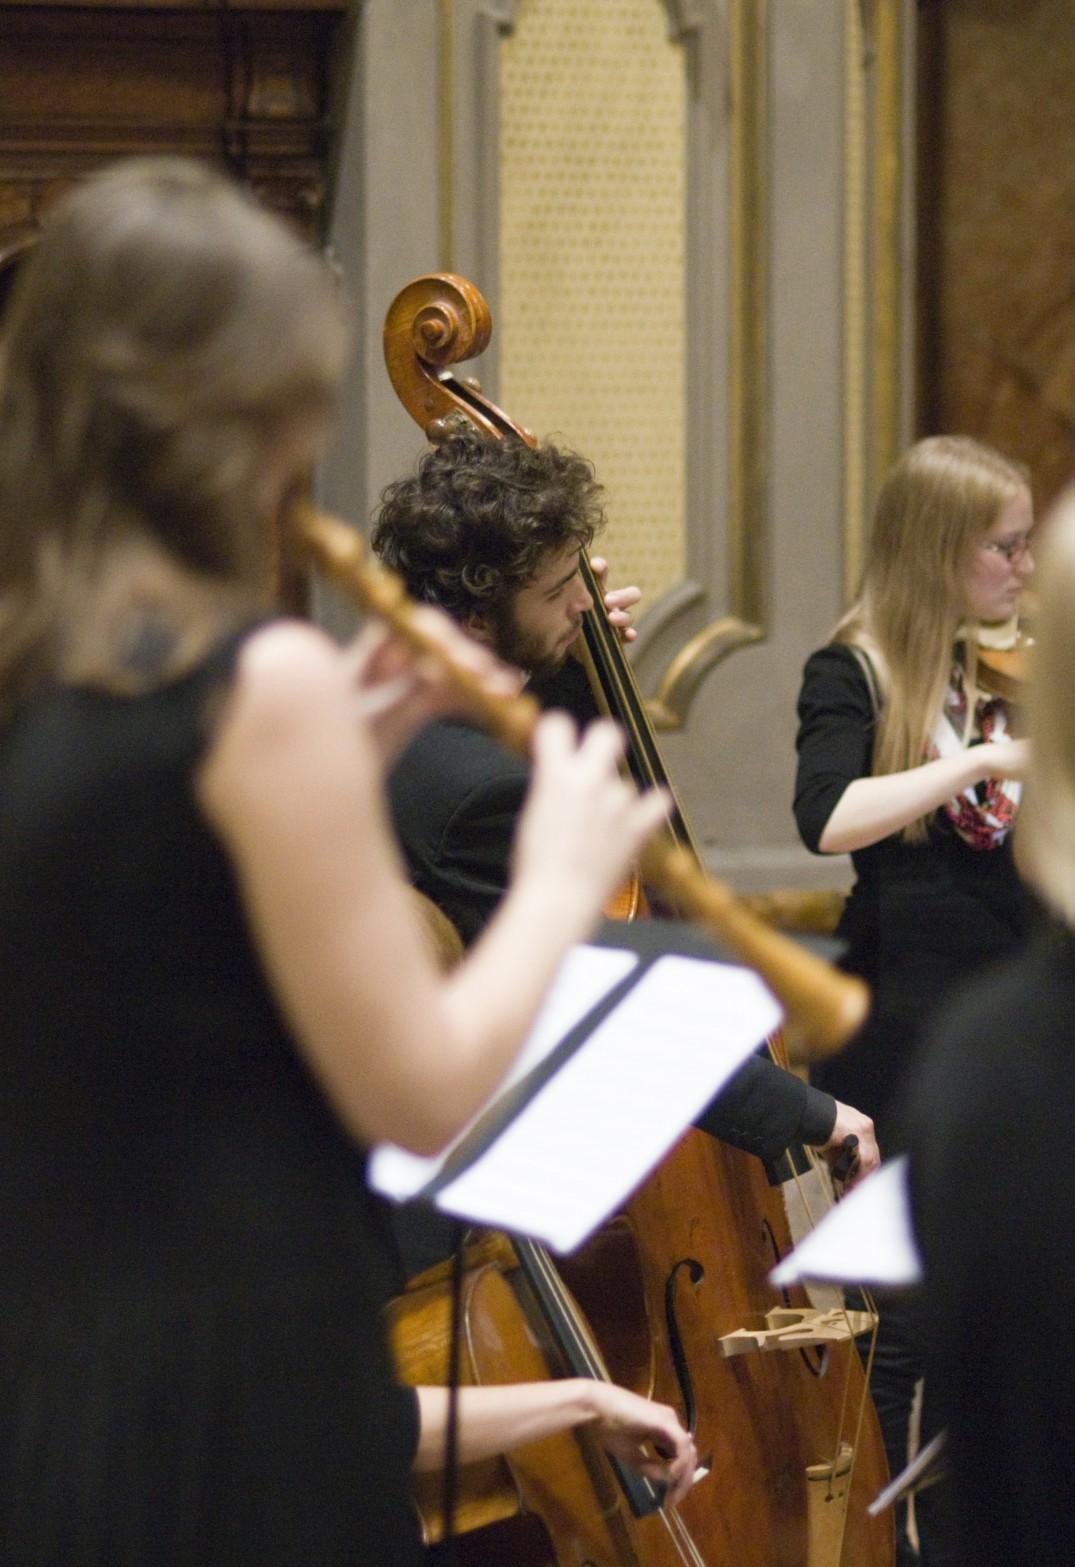 Theresia_Concerto_Milano_17